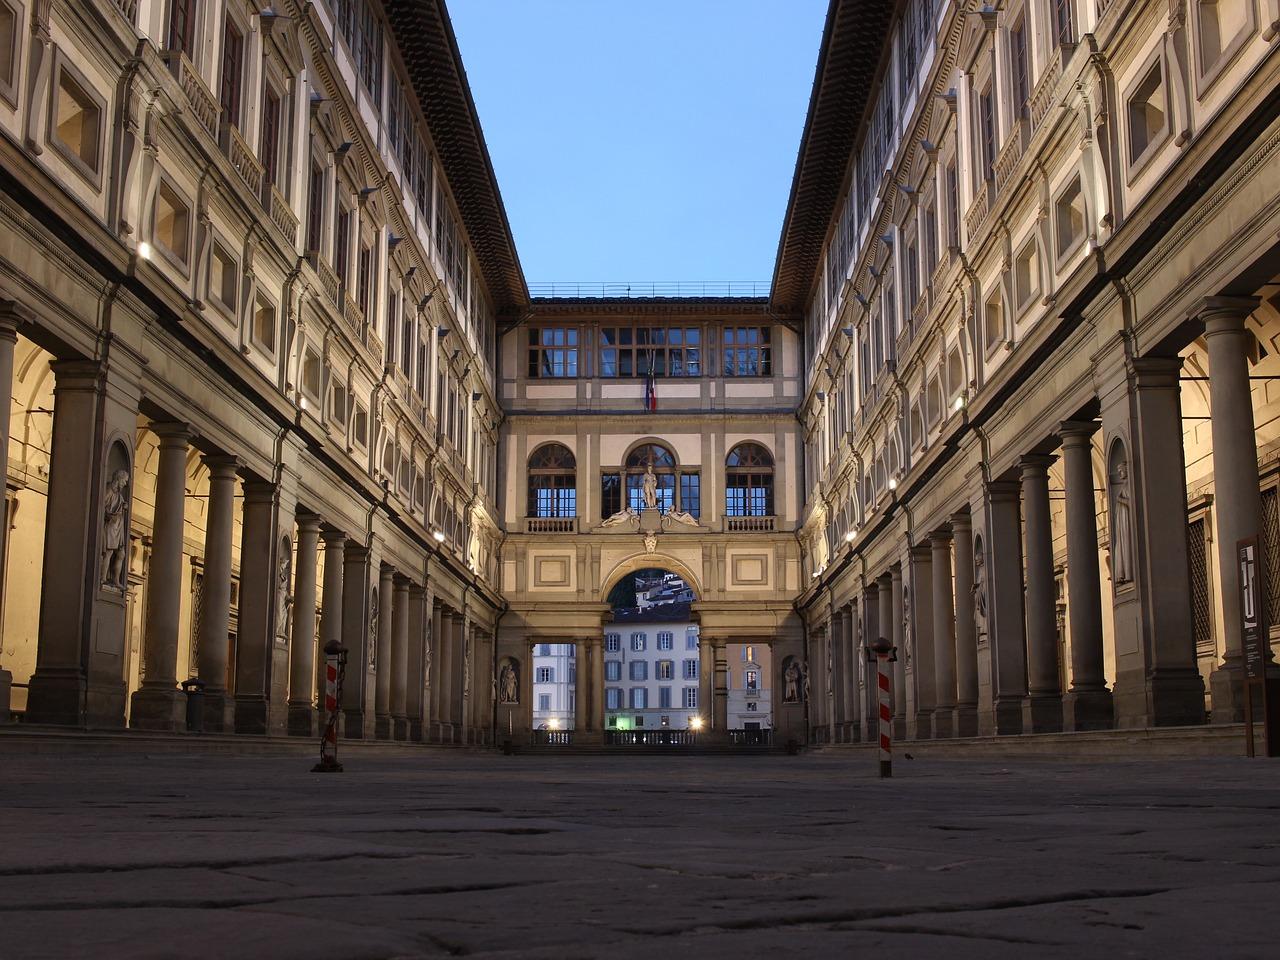 gallerie-uffizi-firenze-facebook-eventi-live